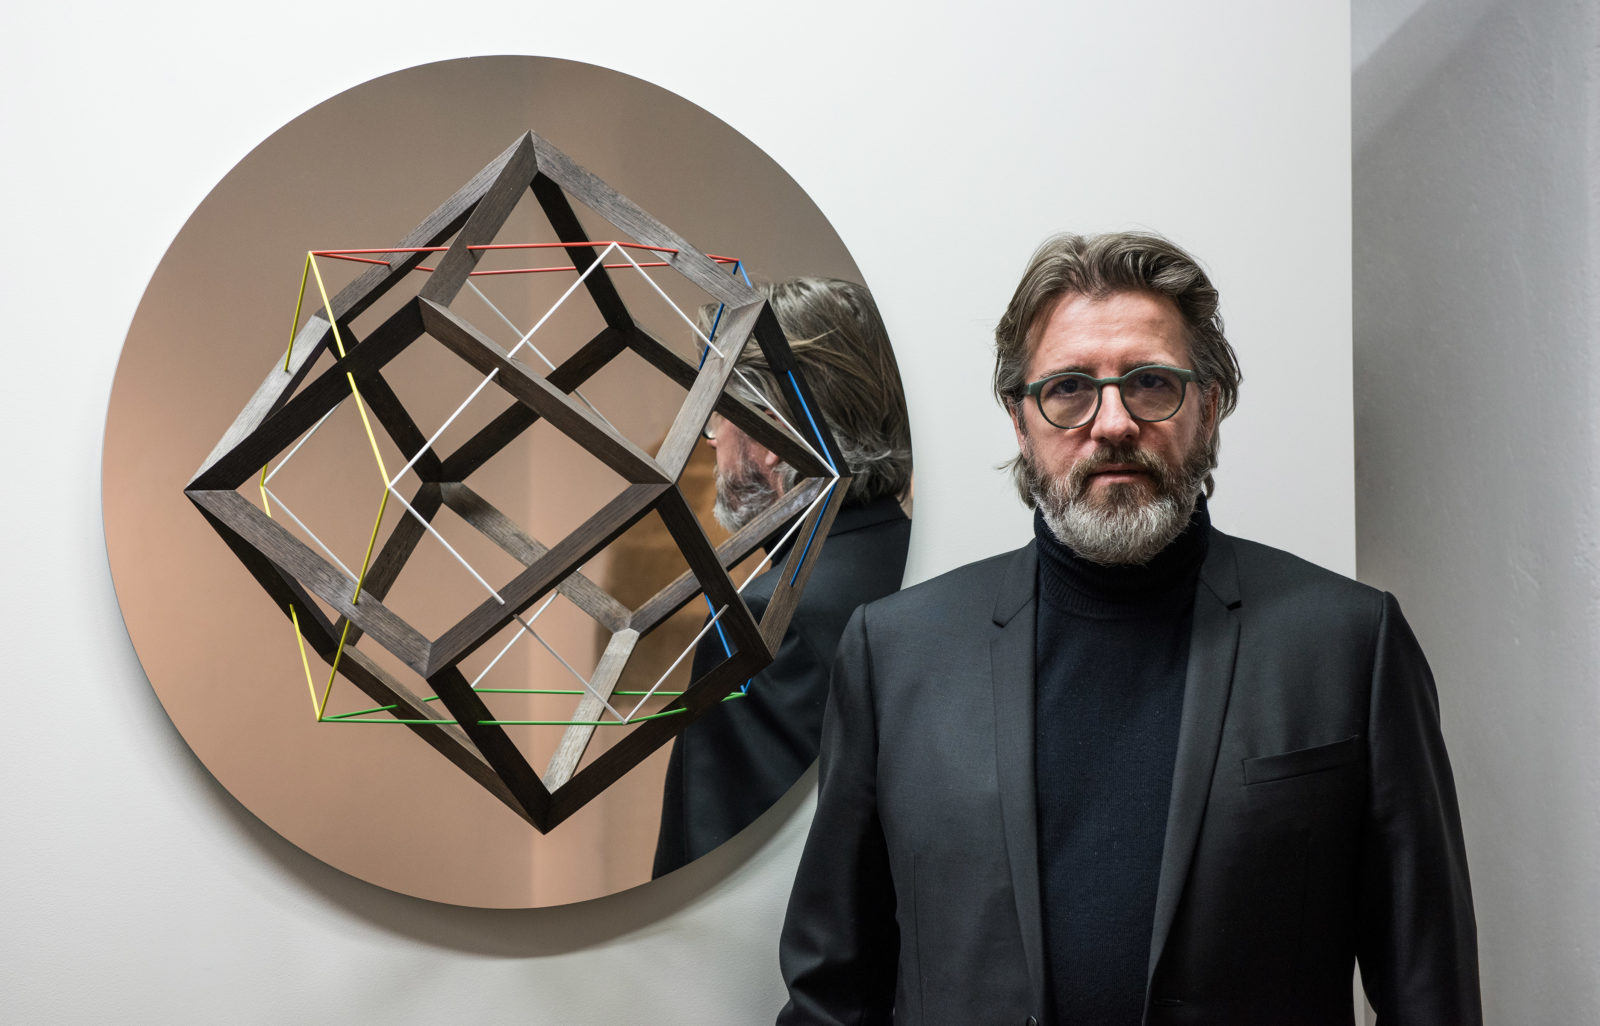 Olafur Eliasson devant the mirror, 2017, photo par lucas fascini, exposition Objets définis par l'activité., espace muraille, genève